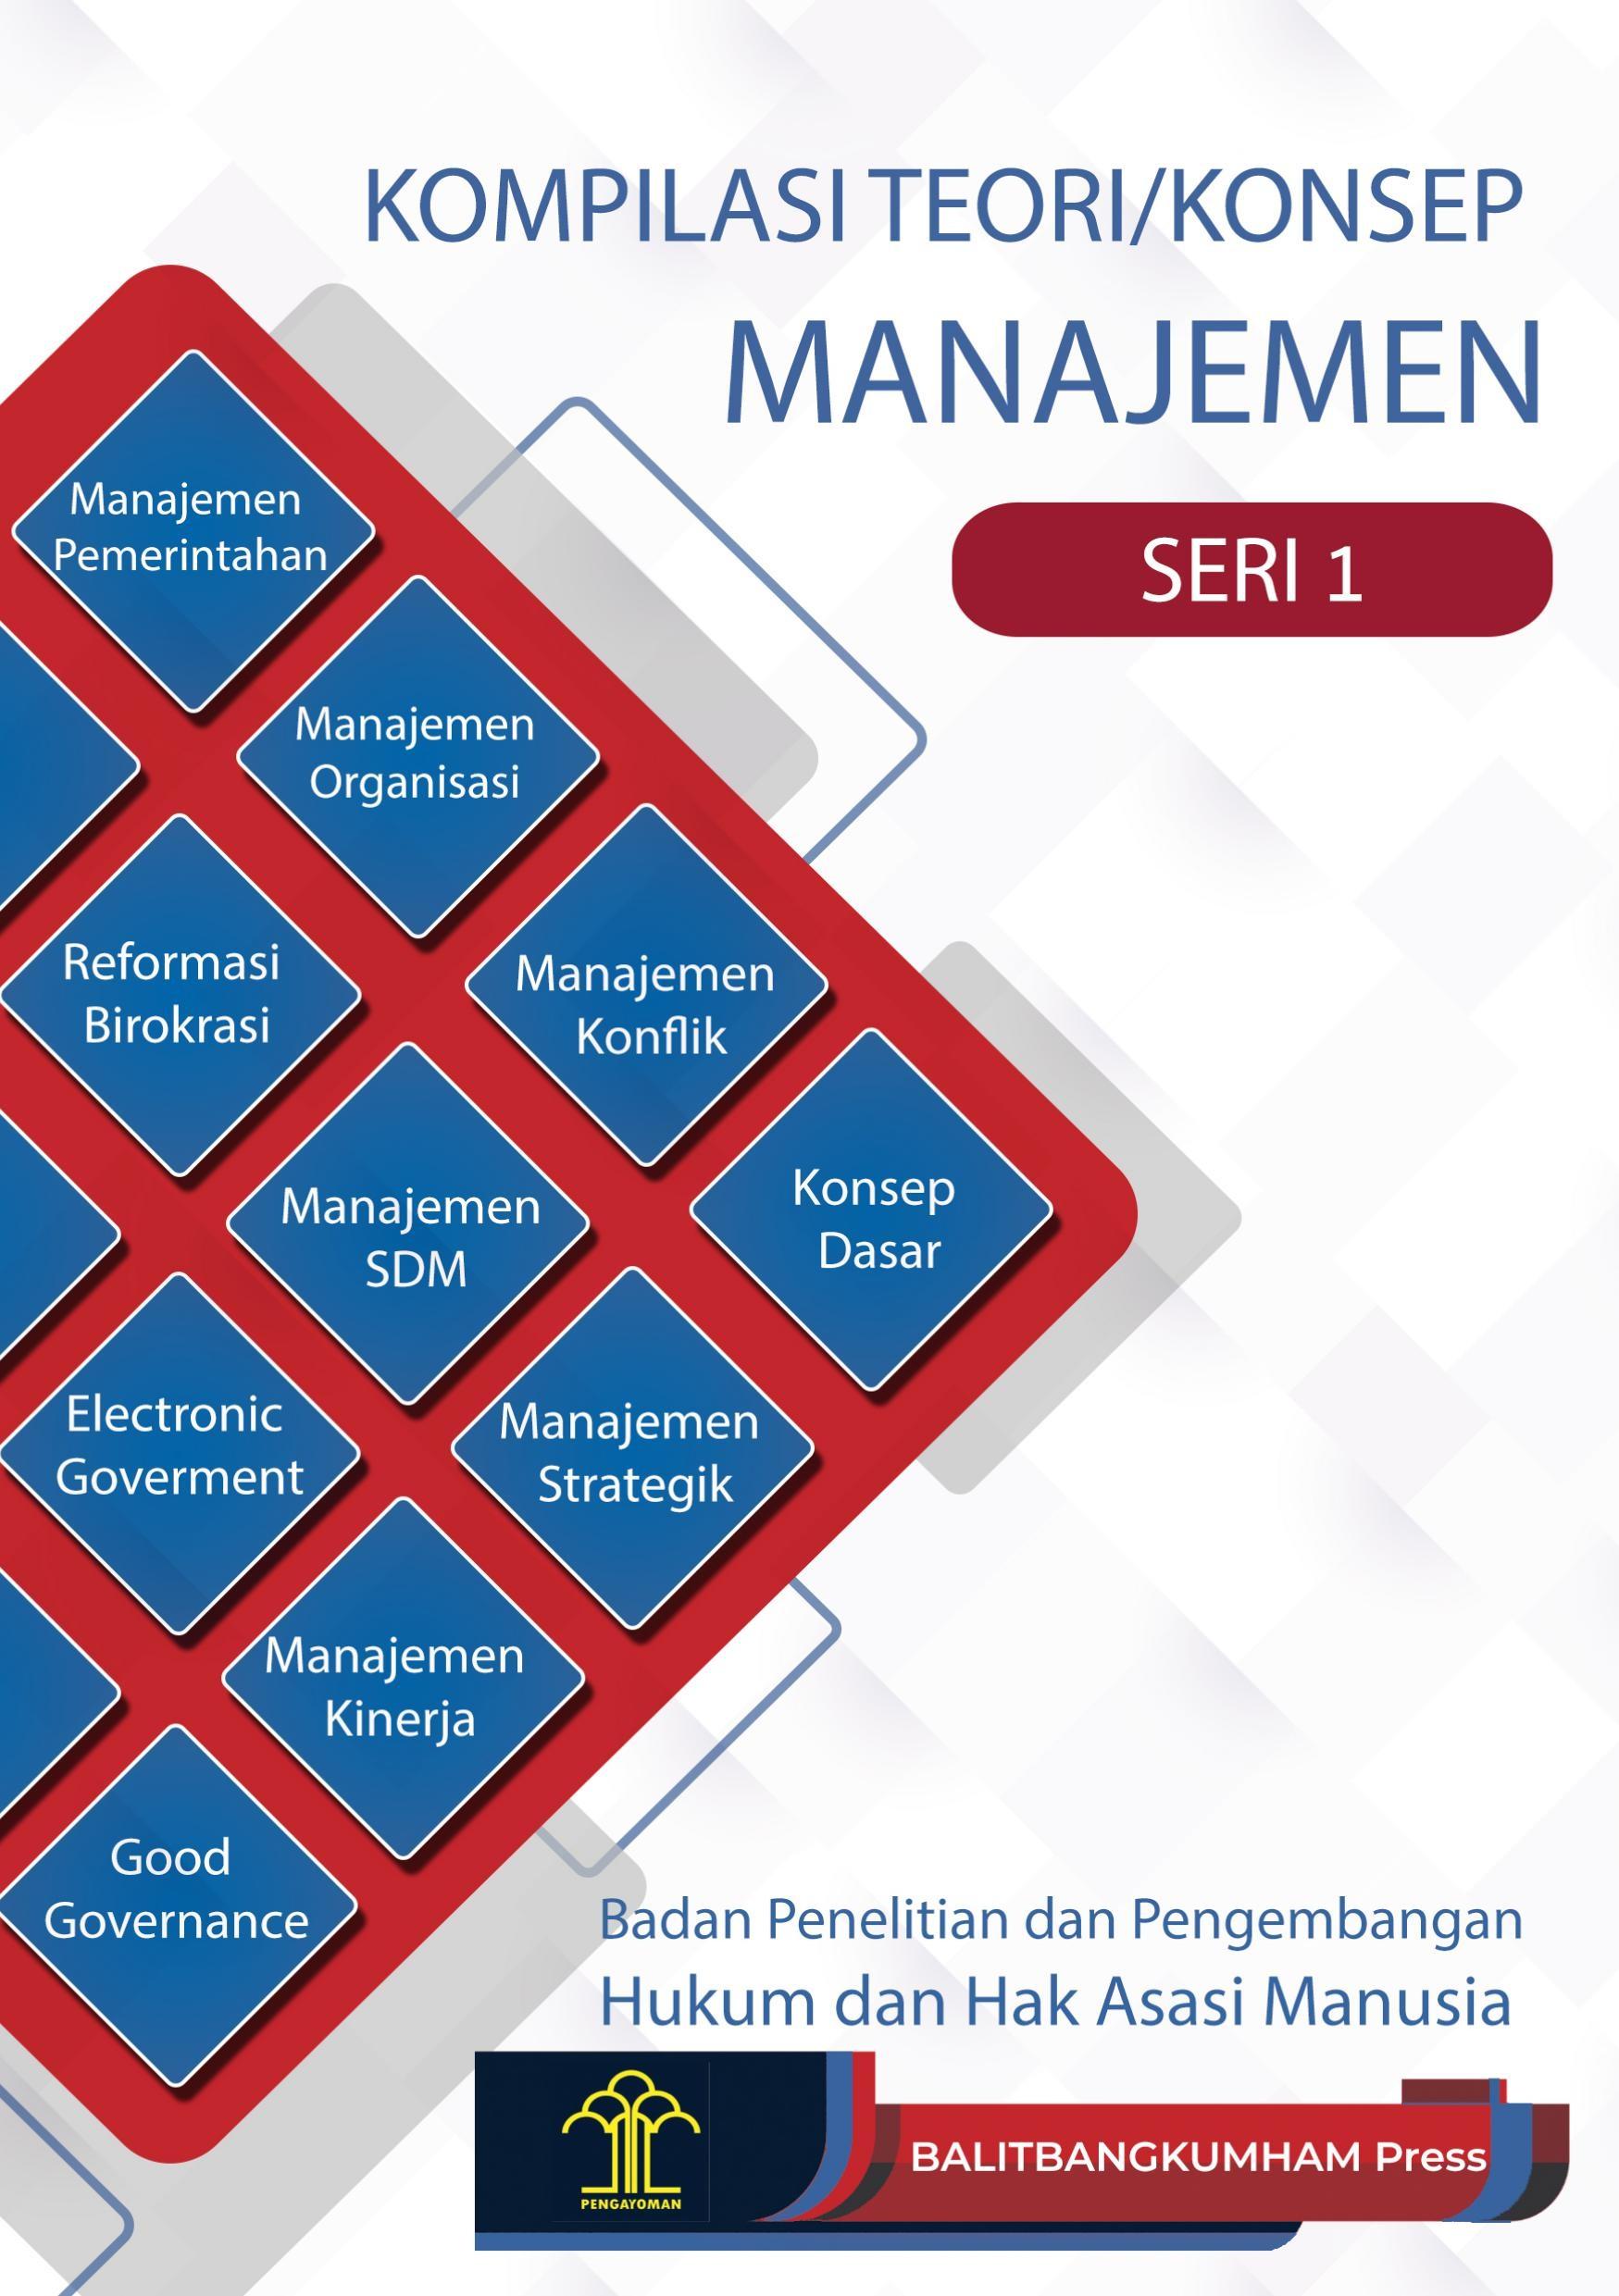 Kompilasi Teori/Konsep Manajemen Seri 1